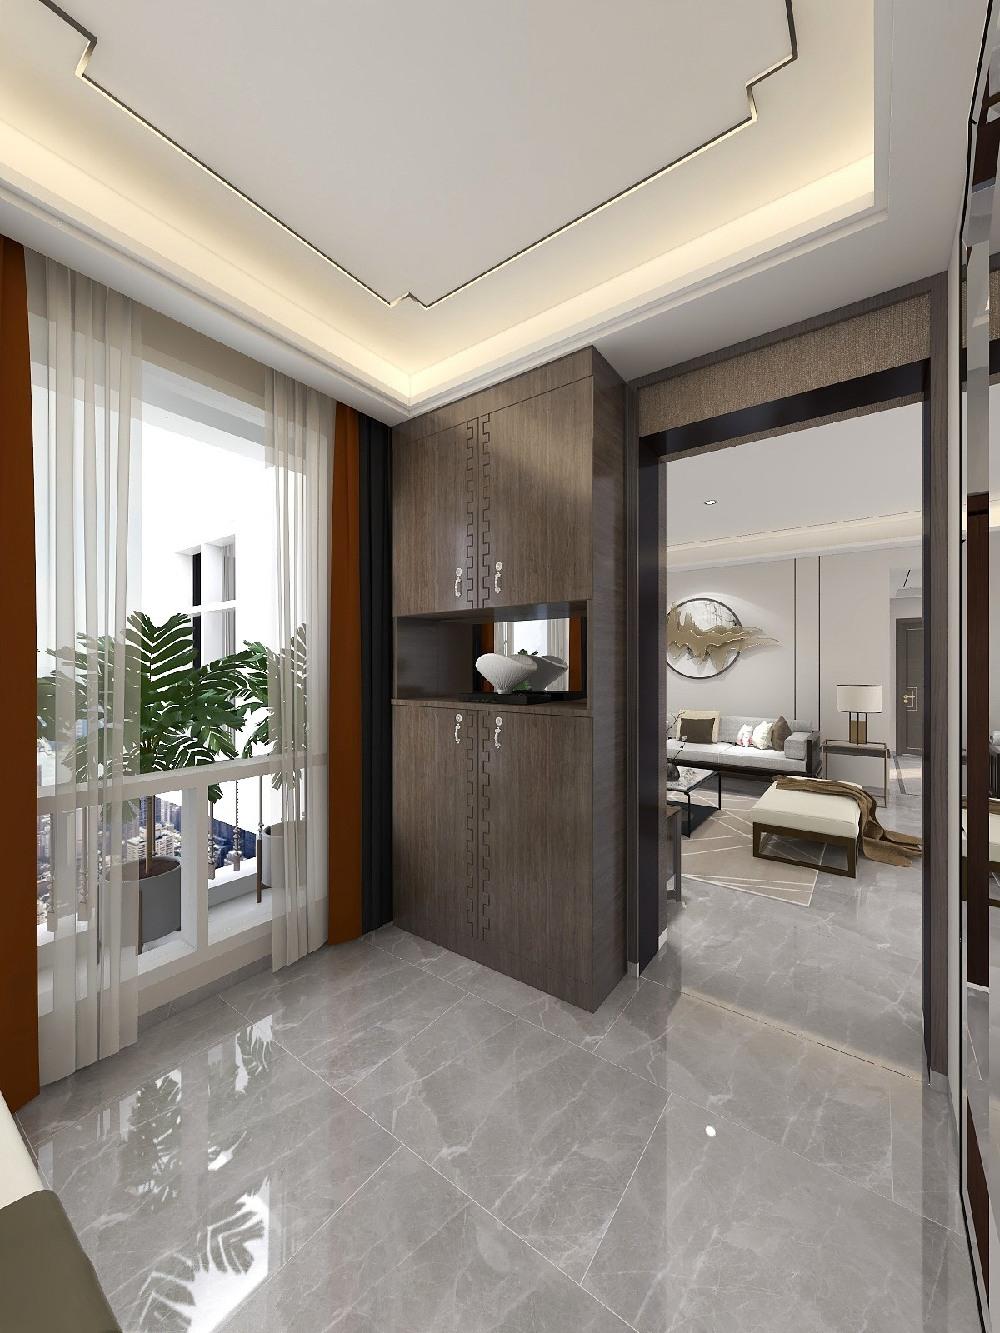 新中式風格設計,自然流露的優雅范